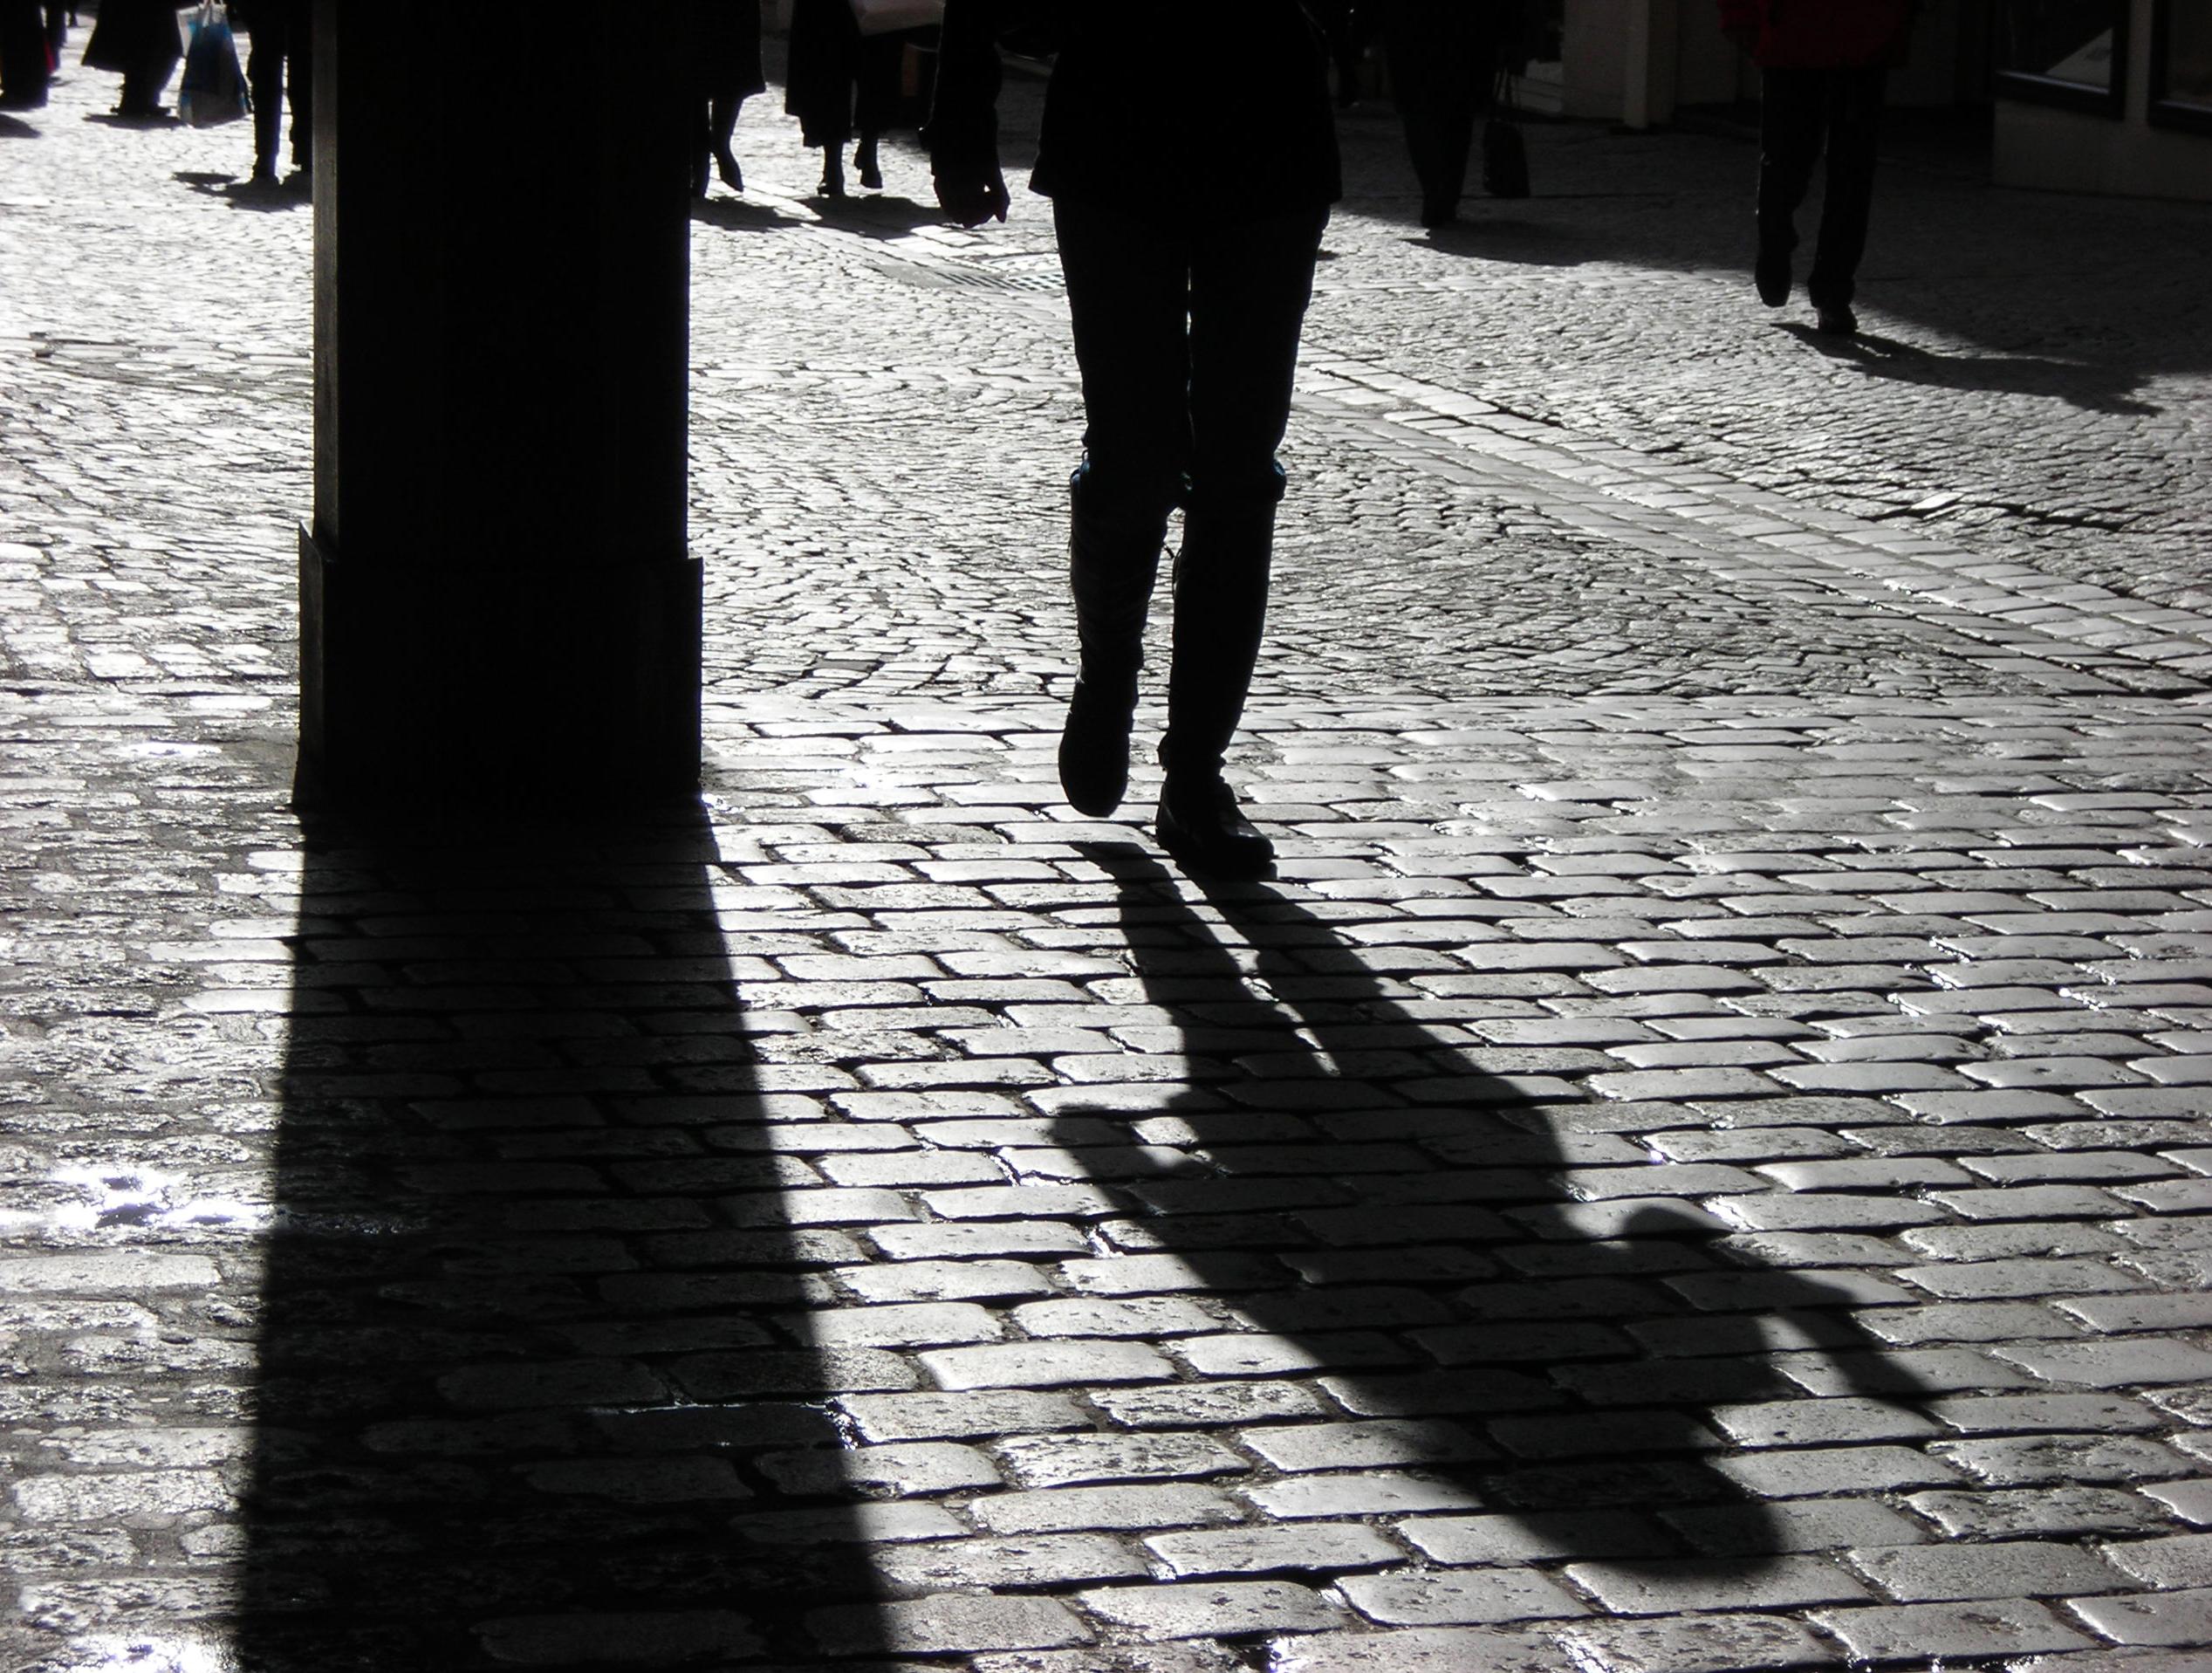 Hasta un 15% de la población sufre depresión a lo largo de su vida